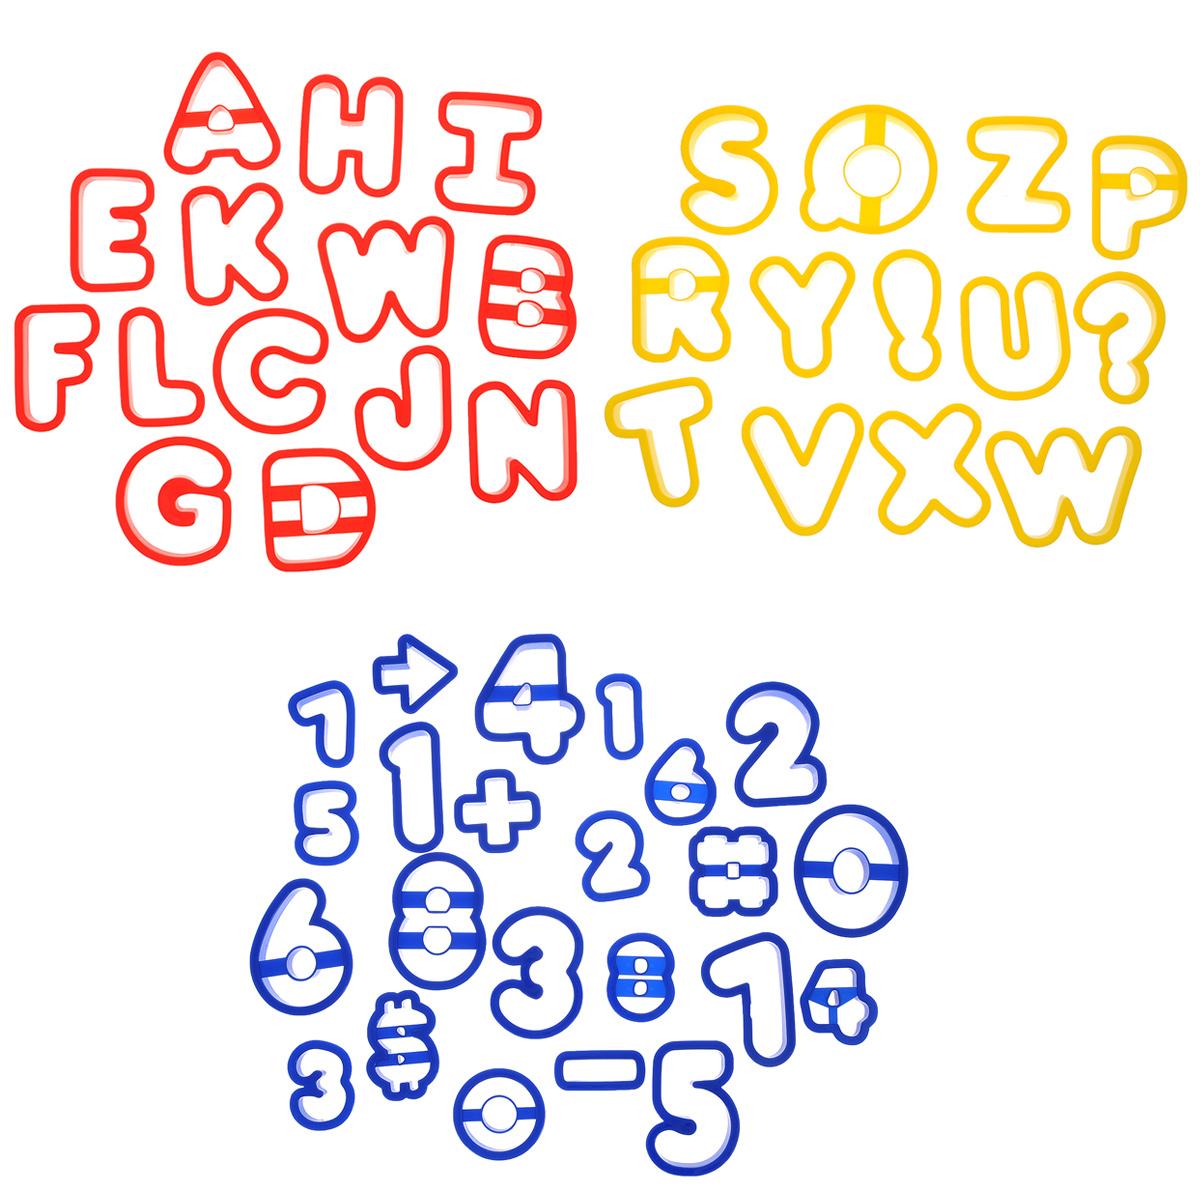 Набор форм для вырезания печенья Wilton Буквы и цифры, 50 шт набор форм и украшений джунгли 12 шт 415 1564 wilton